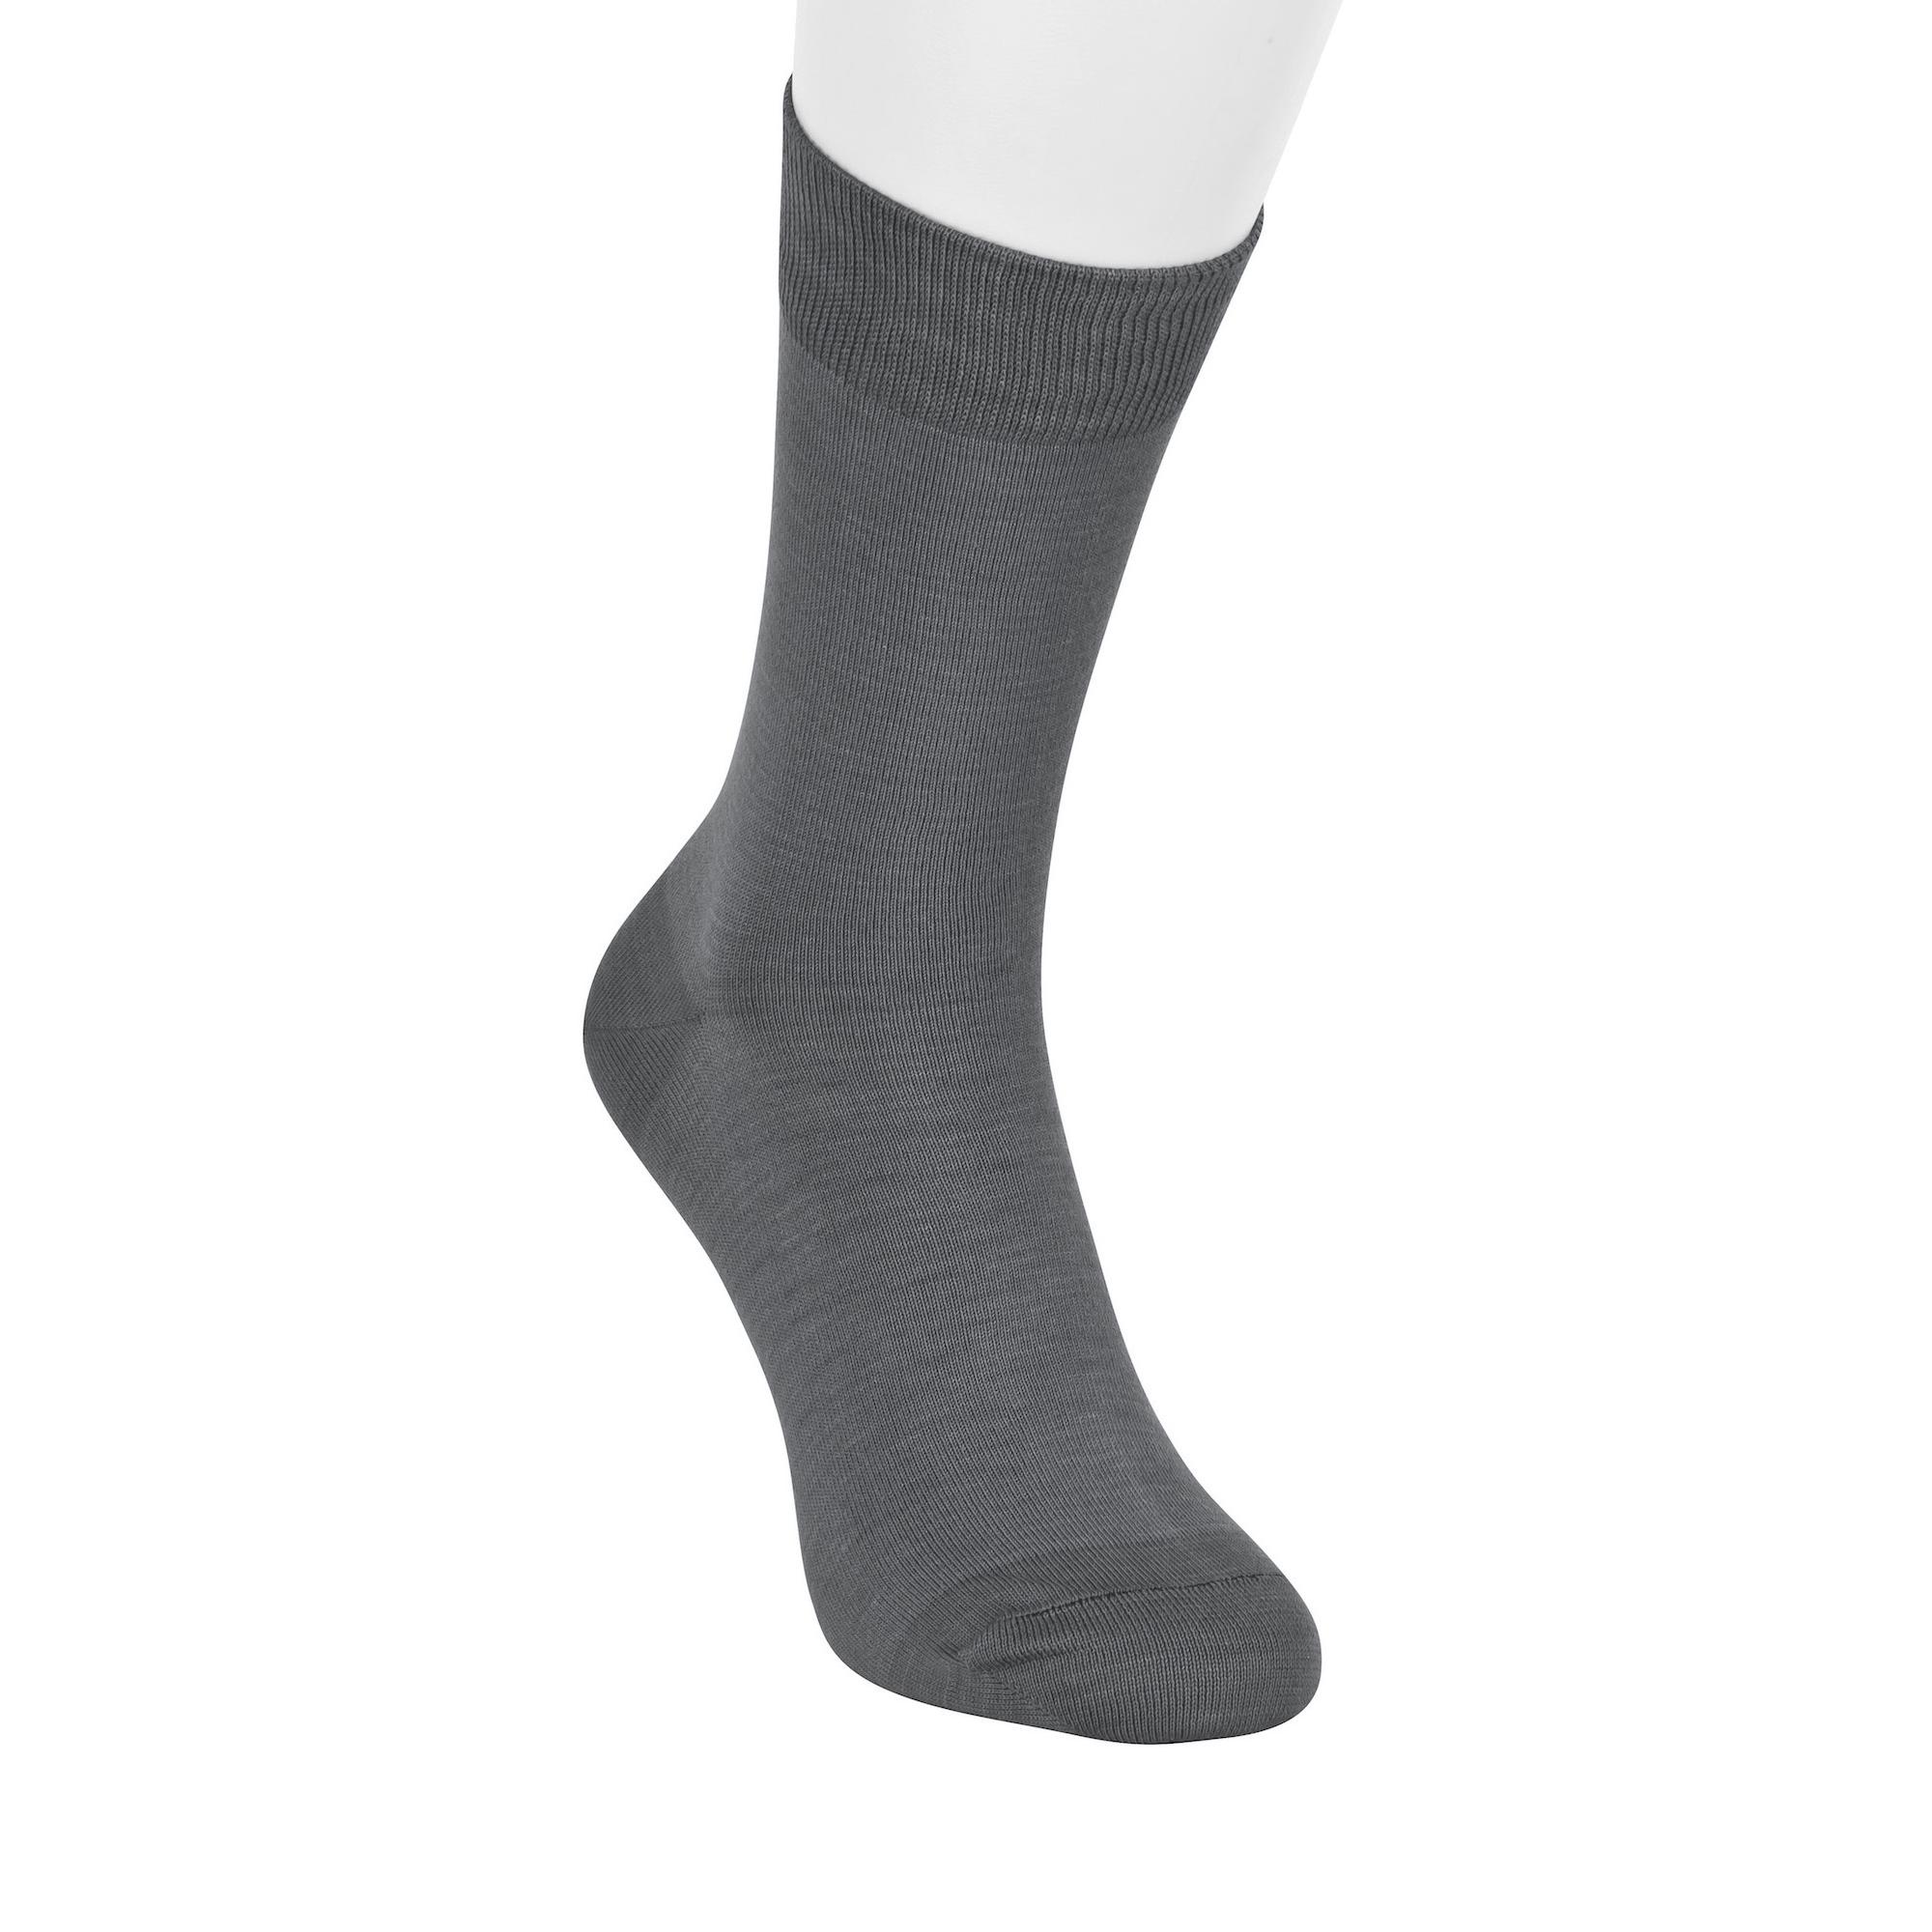 Chaussette classique - Vêtement en fibre d'argent